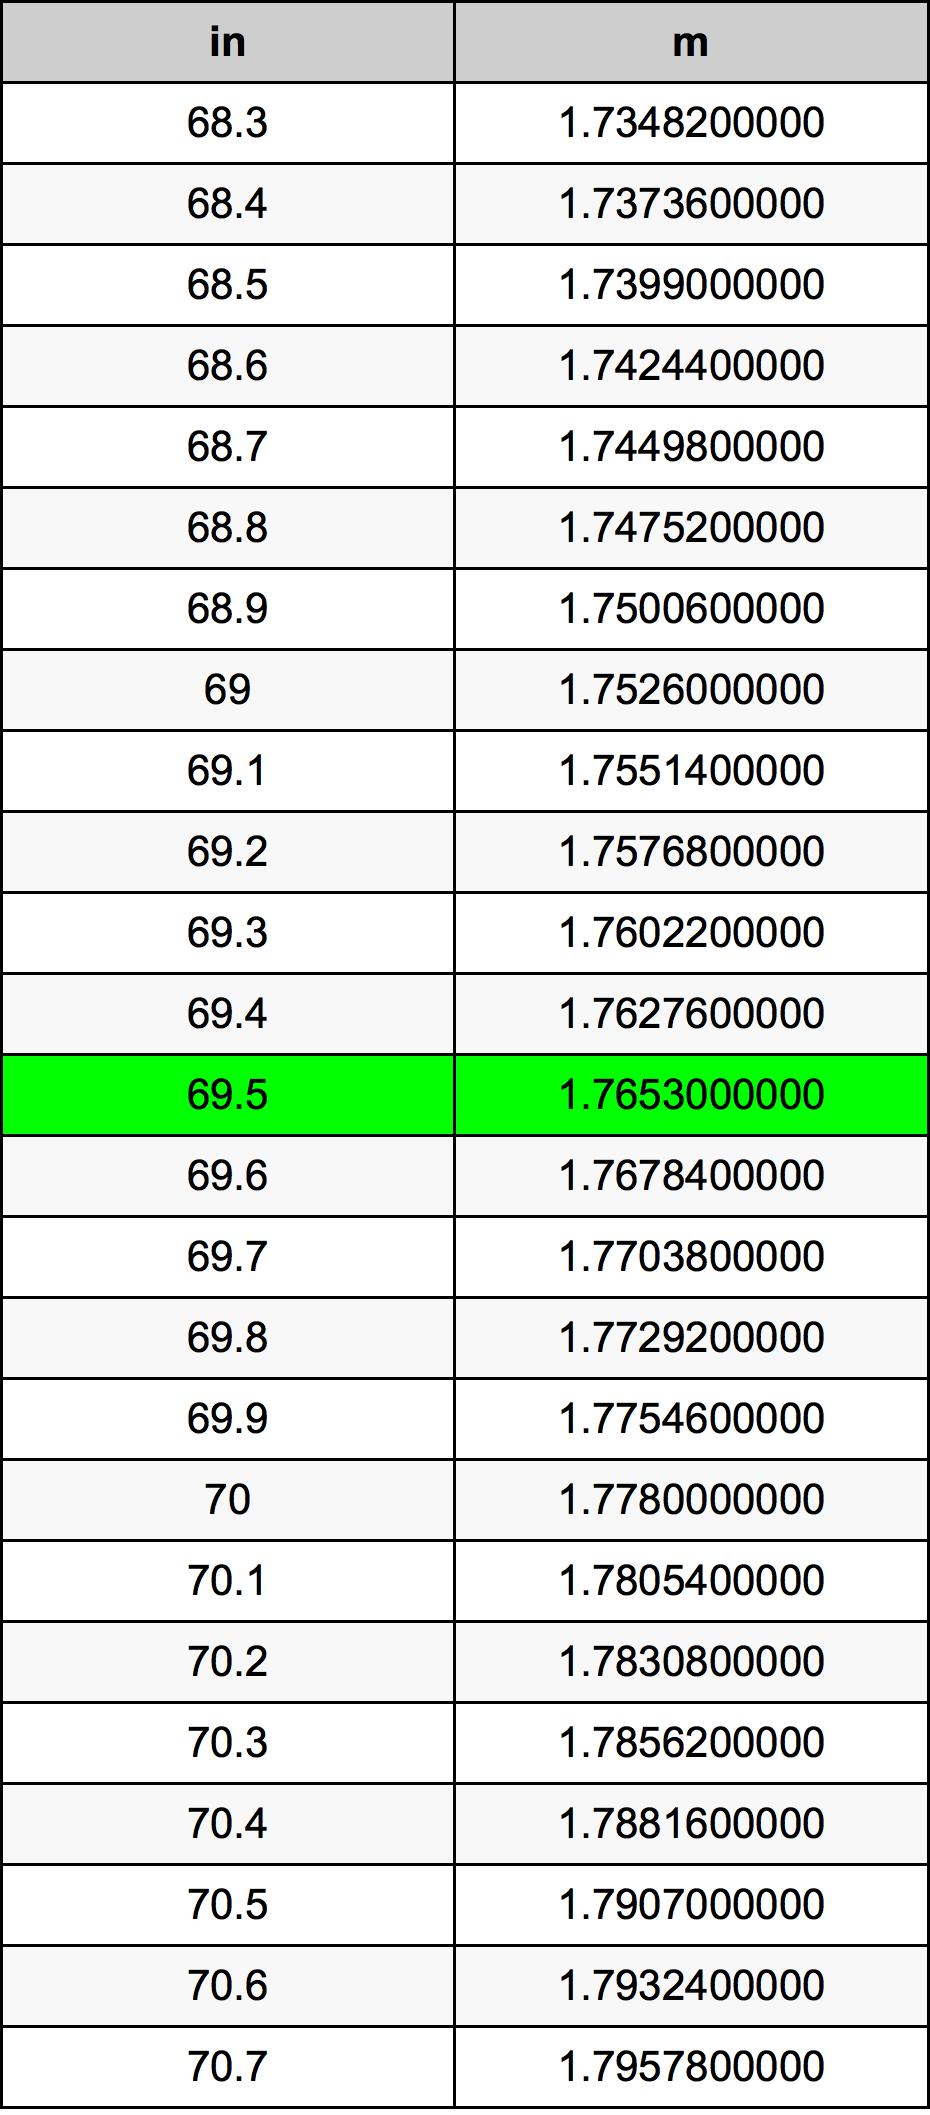 69.5インチ換算表